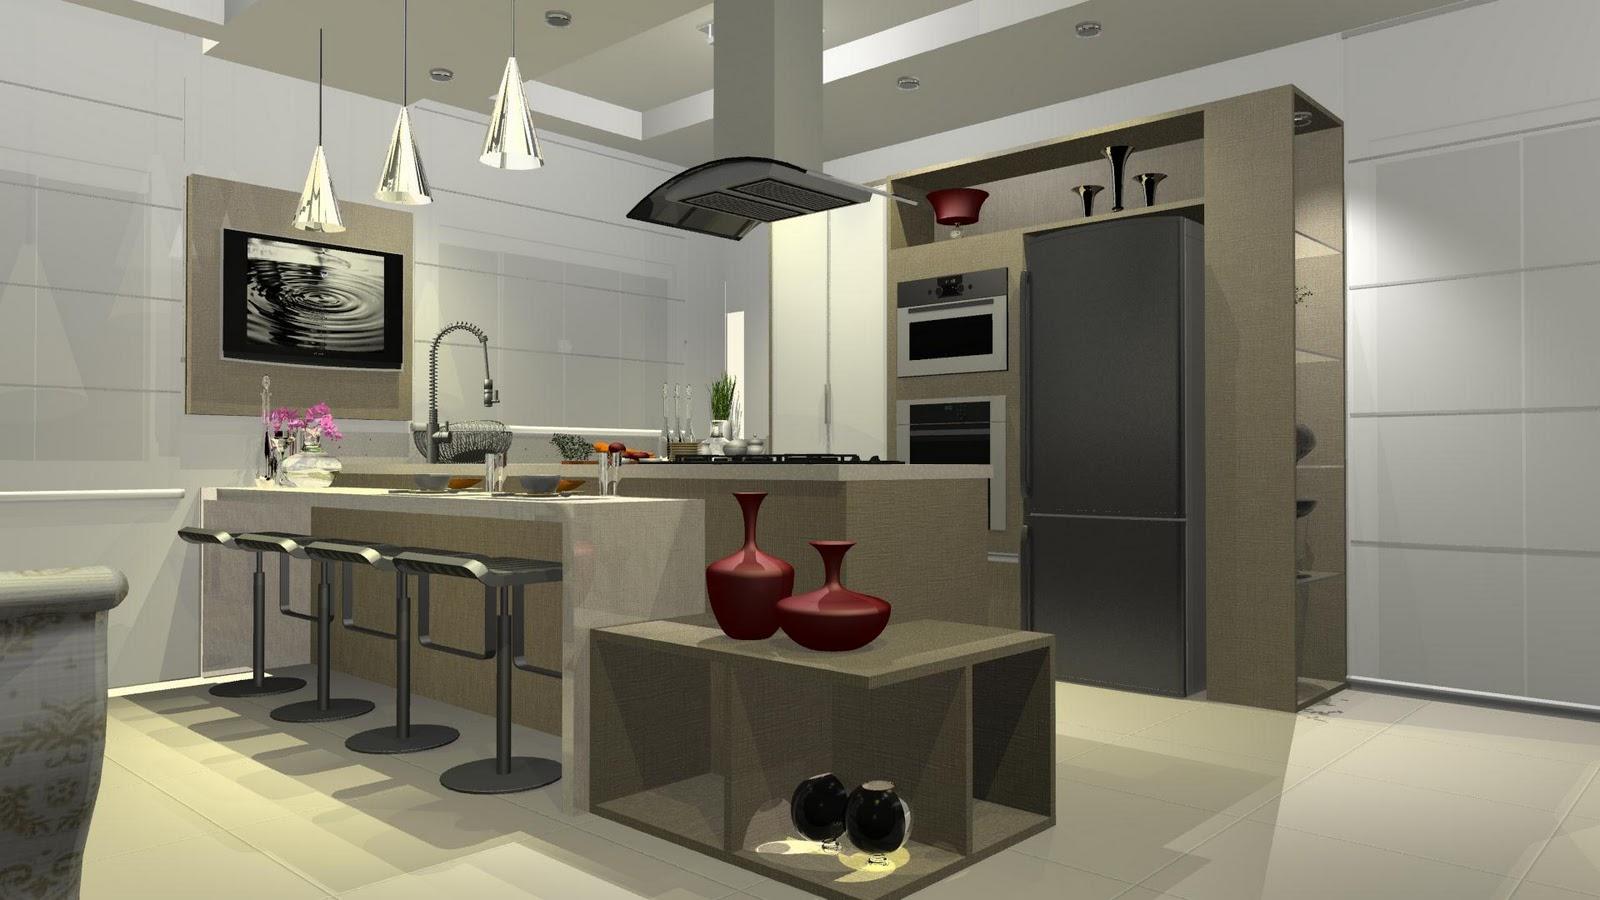 Decoração e Projetos – Decoração de casas rústicas com fotos #884362 1600 900